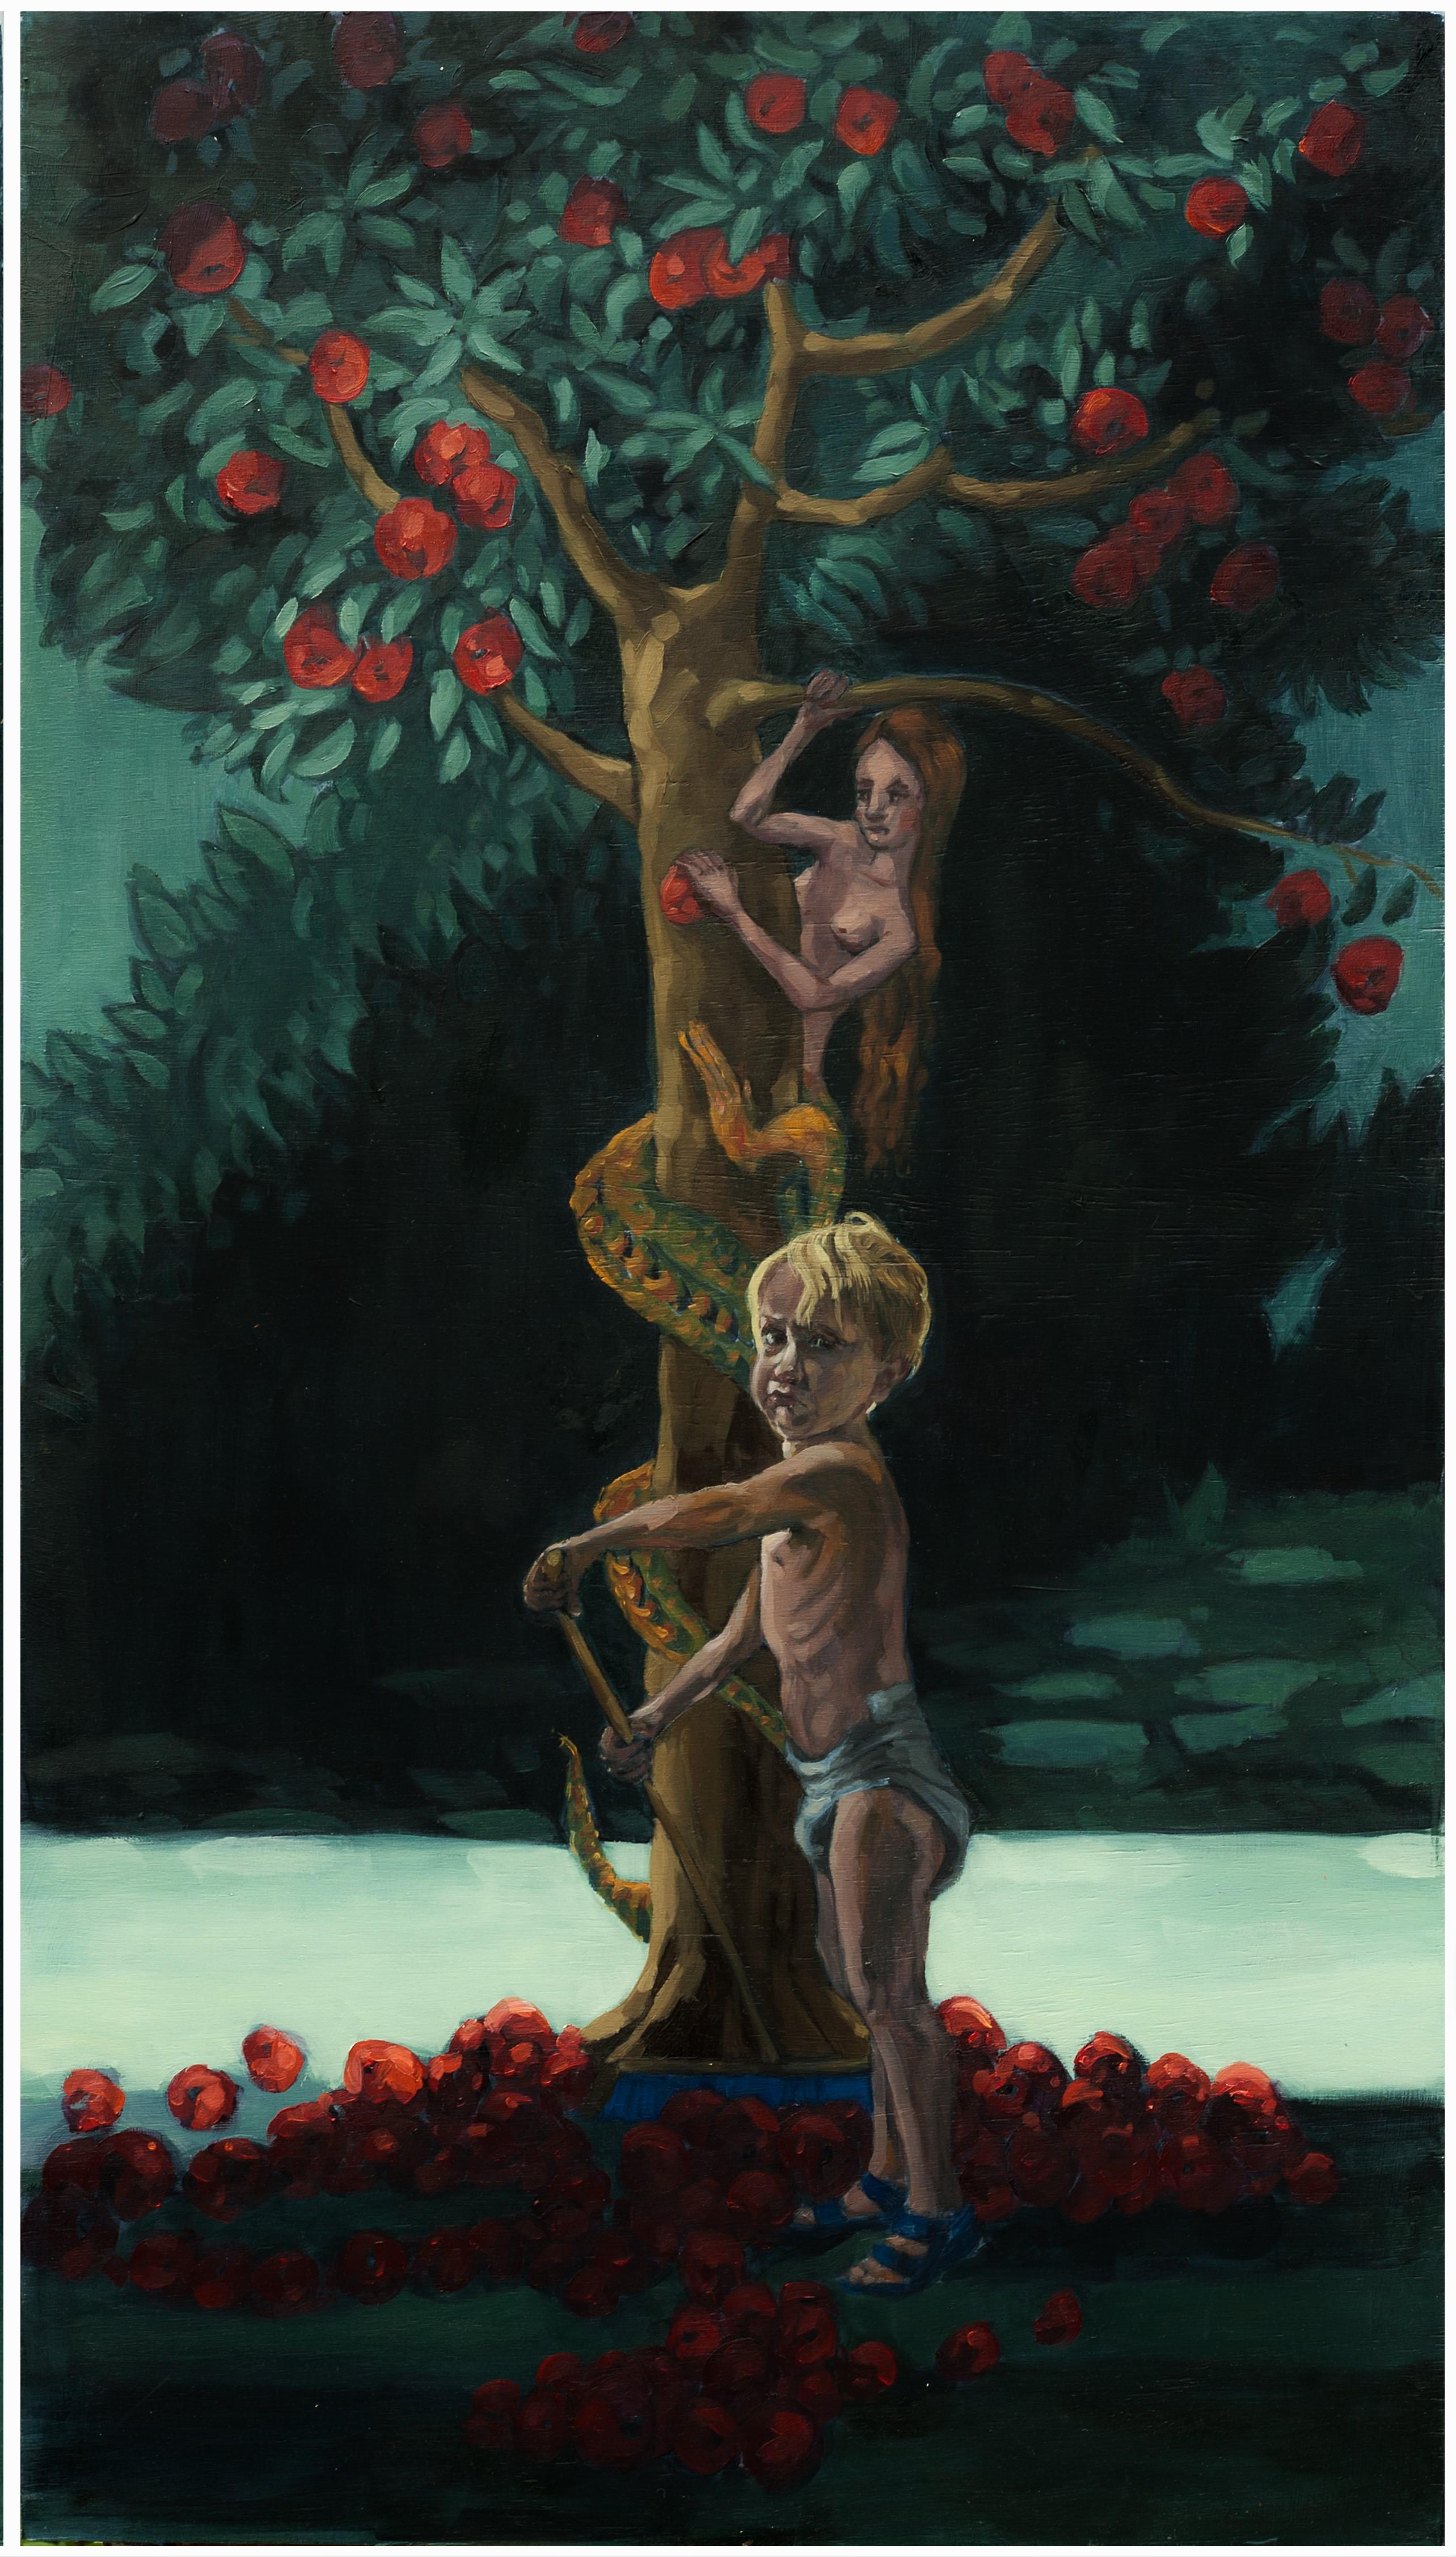 5.3 Madonna met kind, 2017, 96x54 cm, olieverf op paneel (binnenpaneel rechts)